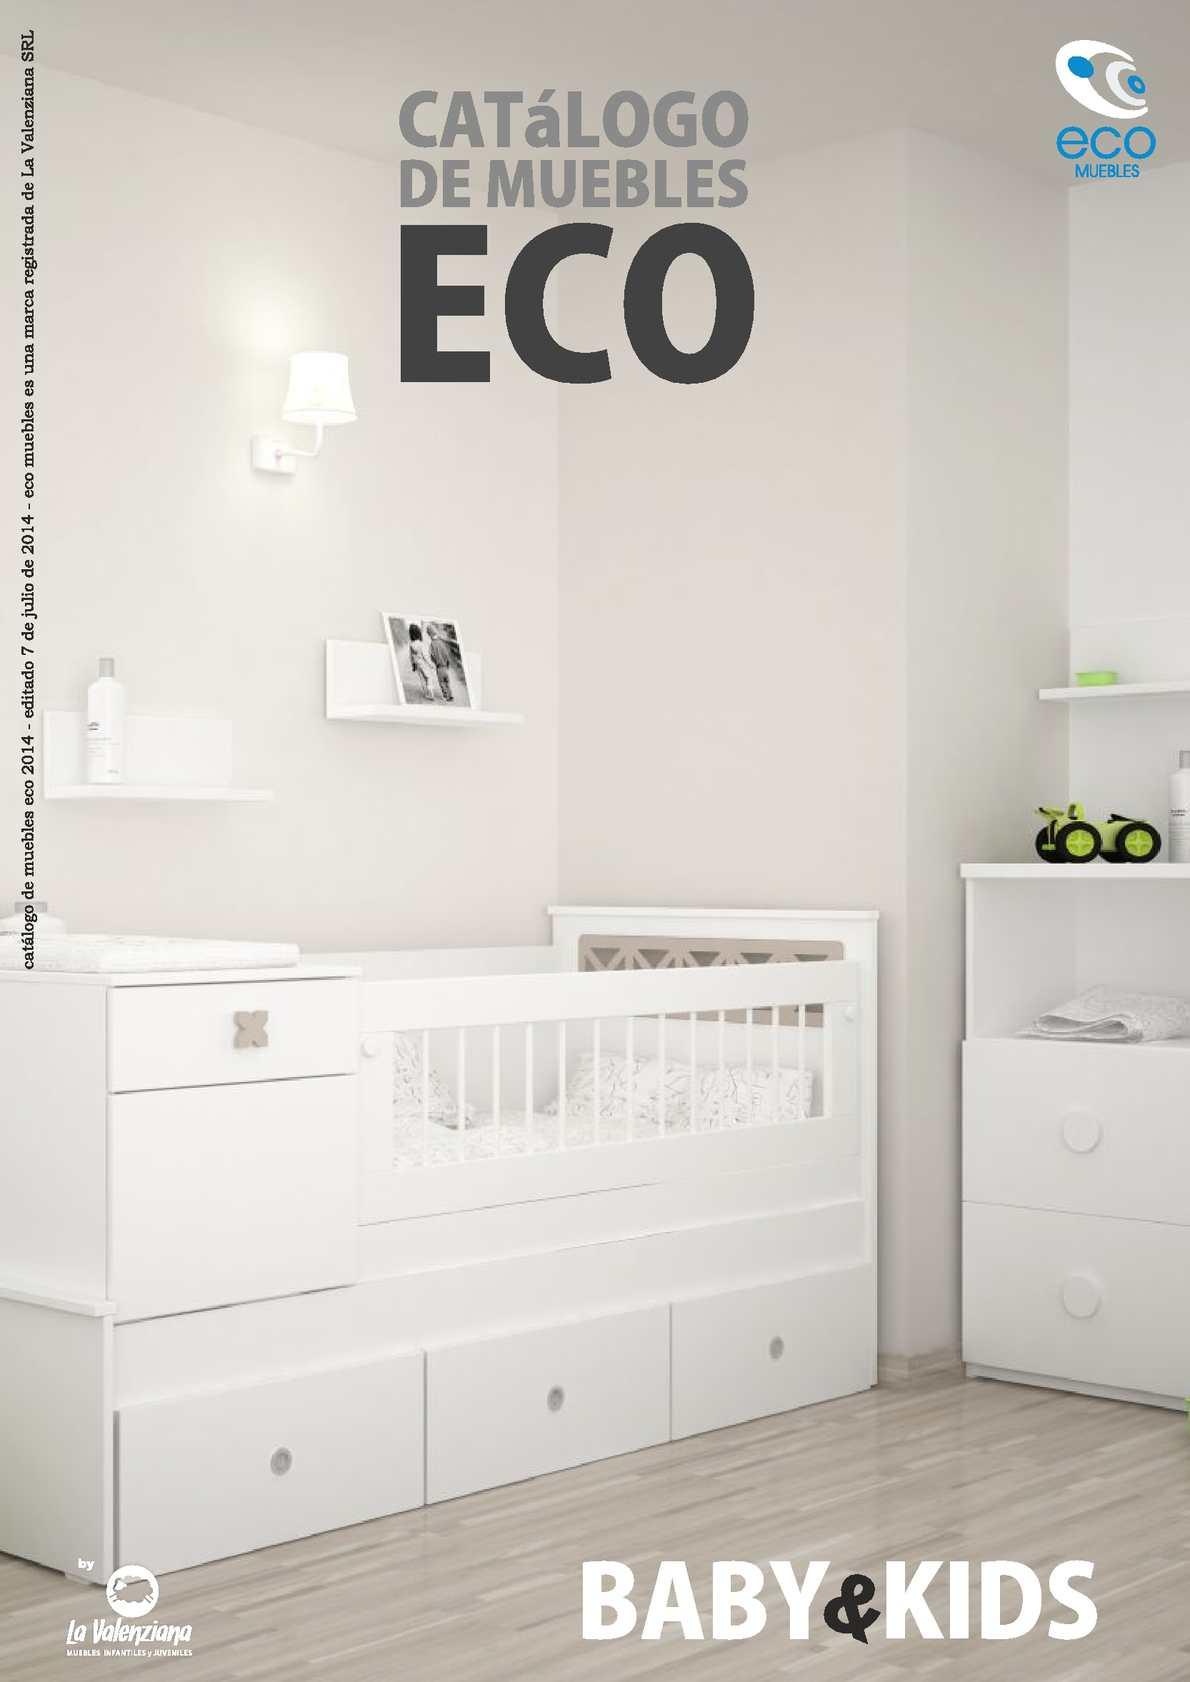 Catálogo Eco Junio 2014